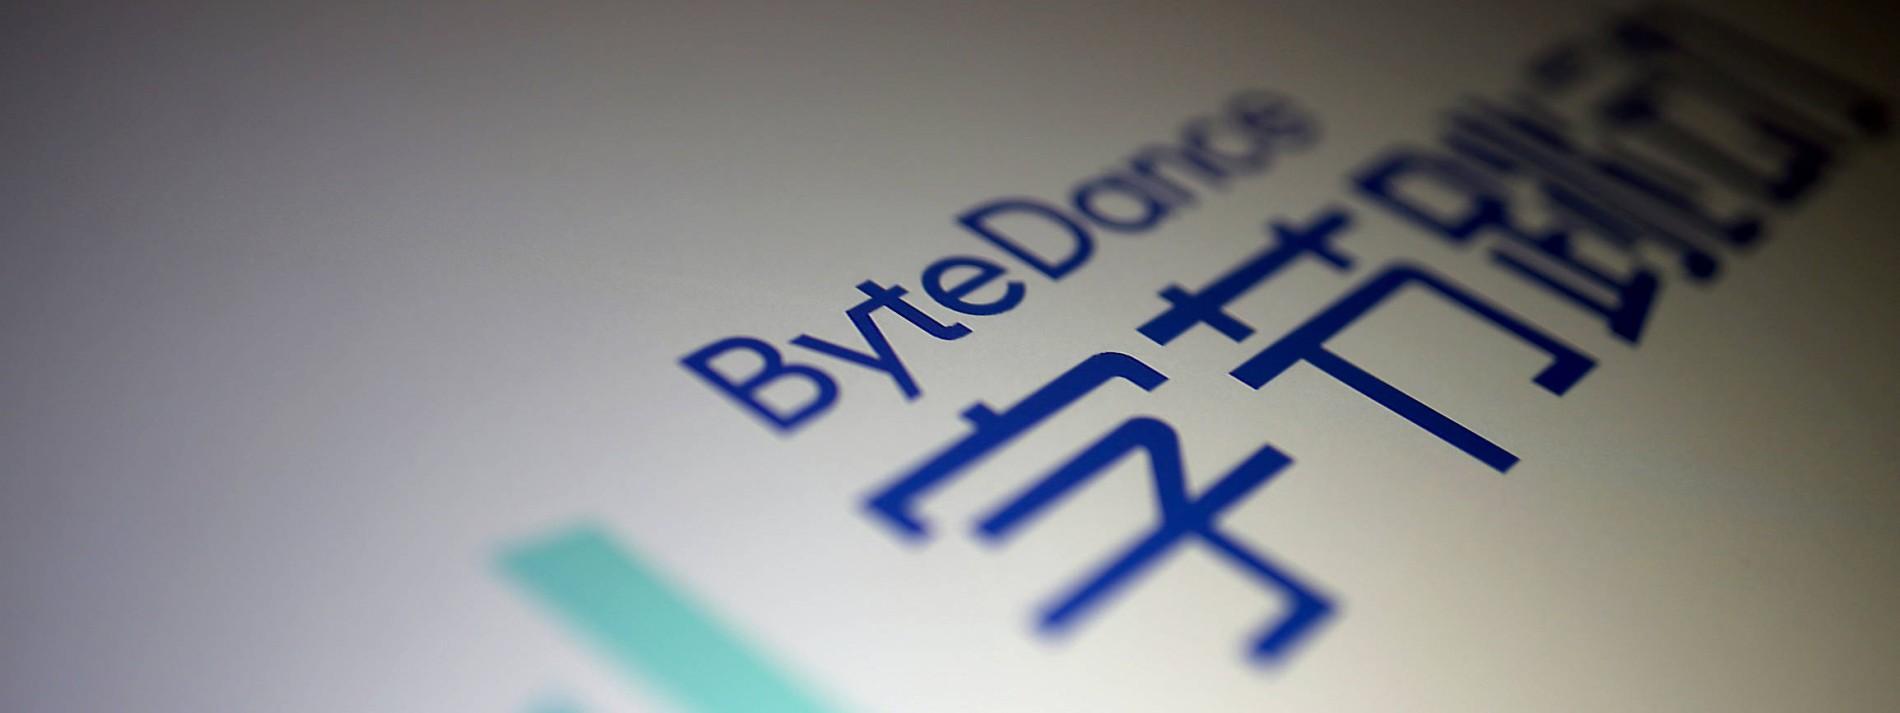 Bytedance greift nach Handyspiele-Entwickler CMGE